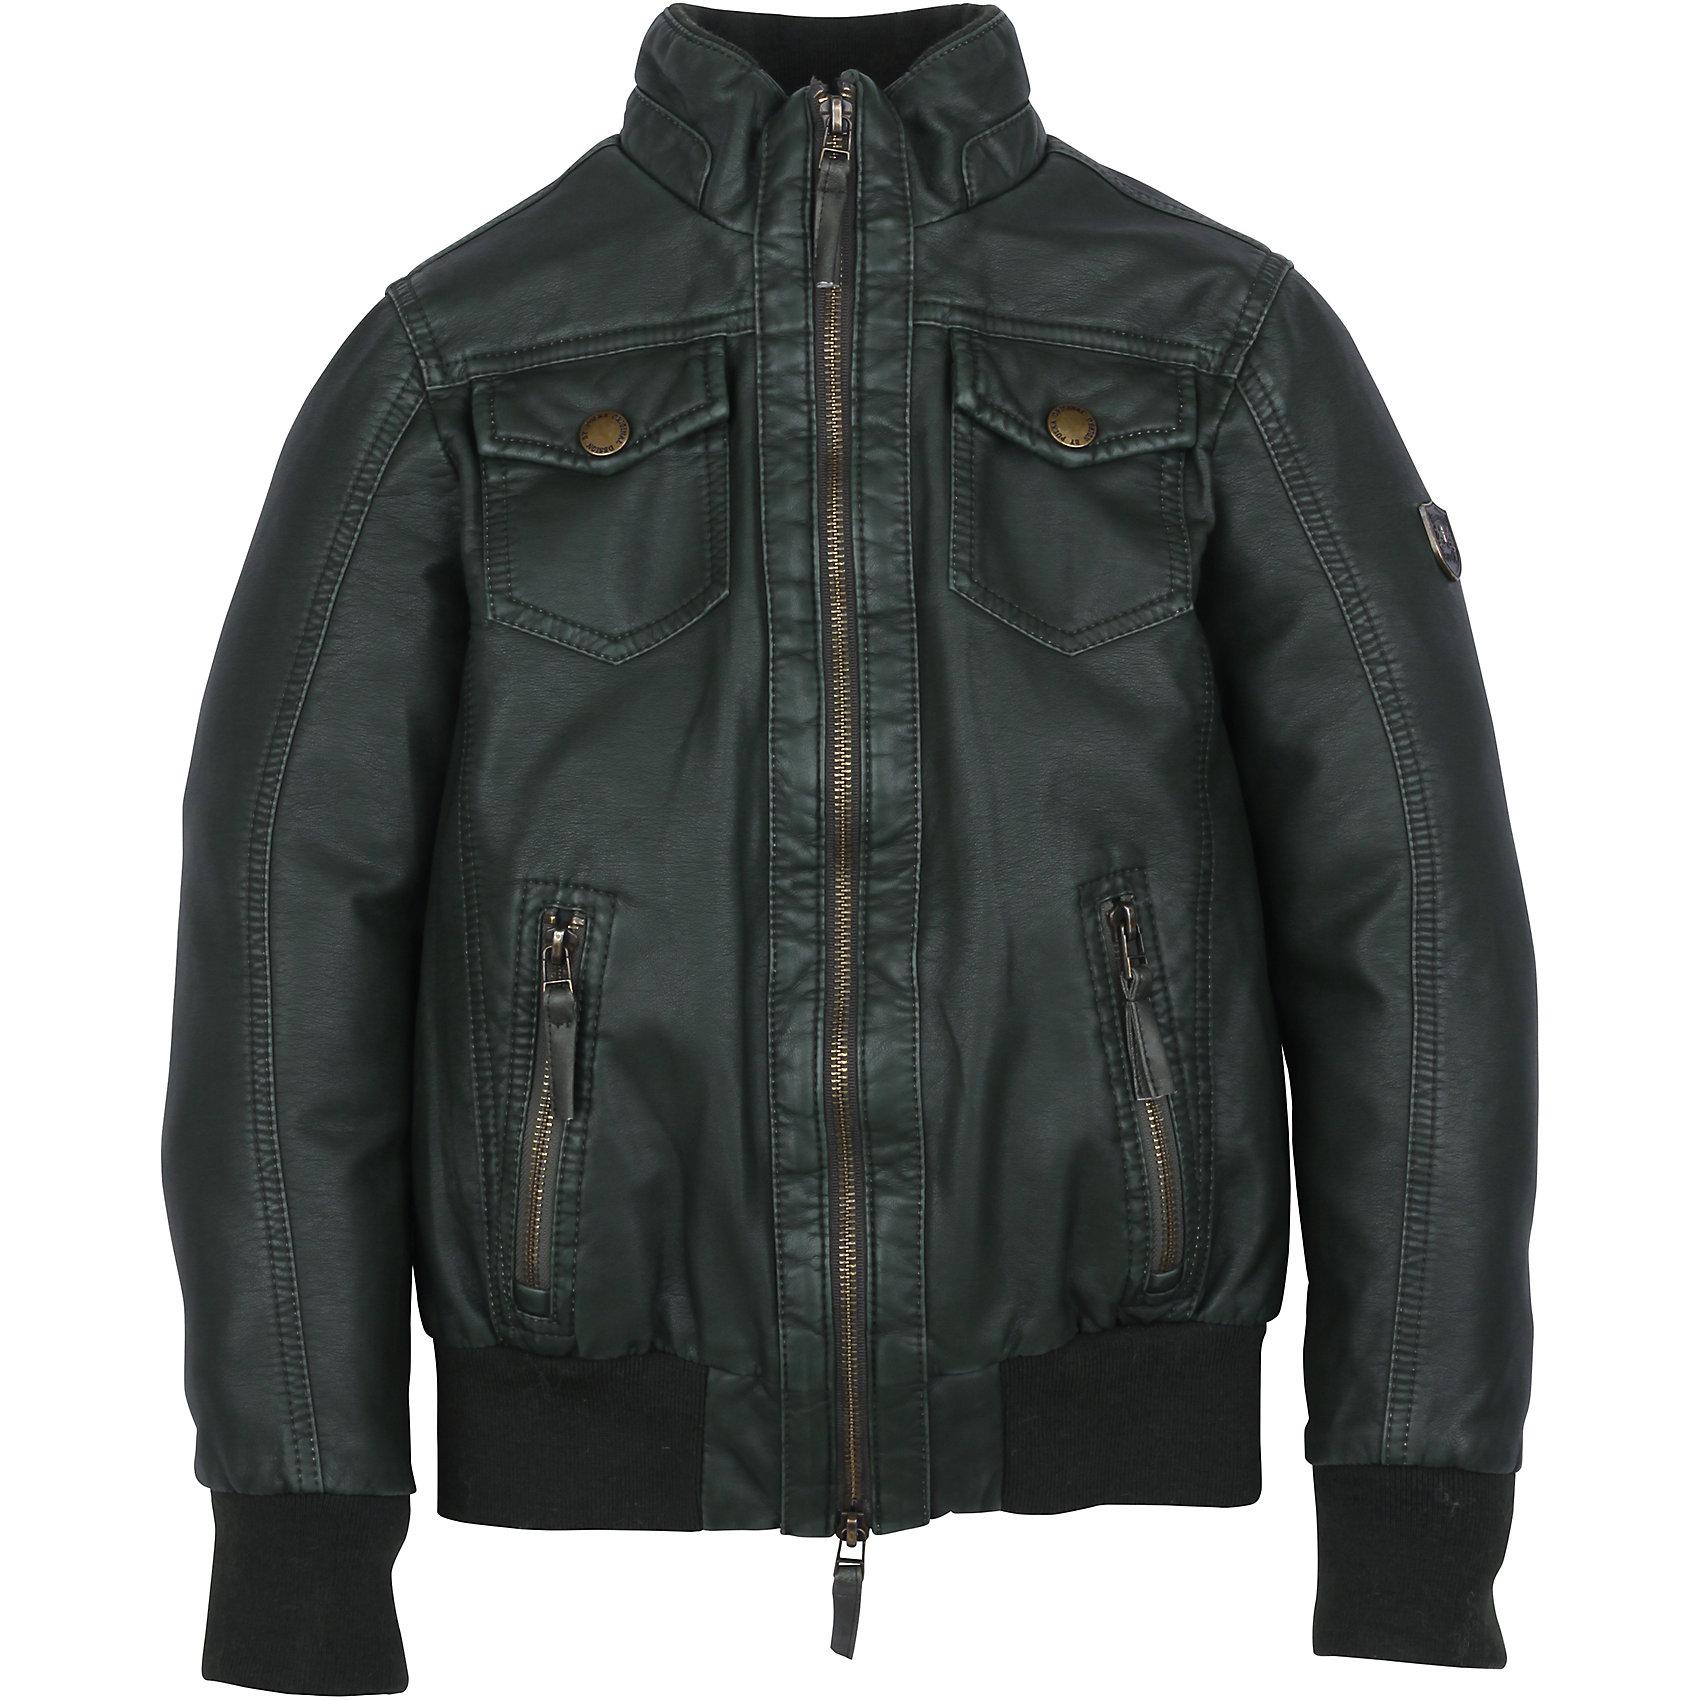 Куртка для мальчика PulkaВерхняя одежда<br>Стильная и практичная Куртка-бомбер (пилот) для мальчика Pulka черного цвета из экокожи. Теплая и непромокаемая куртка создаст настоящий комфорт. Имеет множество металлических деталей: молнии, заклепки. Трикотажные манжеты и низ куртки эластичные и выполнены в цвет основной ткани. Воротник отложной. Оснащена 4 карманами: 2 с клапаном  на кнопках, 2 врезных на молнии. Настоящая находка для гардероба юного модника!<br><br>Дополнительная информация:<br>-Сезон: осень-весна<br>-Материалы: 100% полиуретан <br><br>Куртка для мальчика Pulka (Пулка) – это выбор тех, кто ценит не только тепло и комфорт, но долговечность и высокое качество одежды!<br><br>Куртку для мальчика Pulka (Пулка) можно купить в нашем магазине.<br><br>Ширина мм: 356<br>Глубина мм: 10<br>Высота мм: 245<br>Вес г: 519<br>Цвет: черный<br>Возраст от месяцев: 120<br>Возраст до месяцев: 132<br>Пол: Мужской<br>Возраст: Детский<br>Размер: 146,134,128,140,158,164,152<br>SKU: 4125742